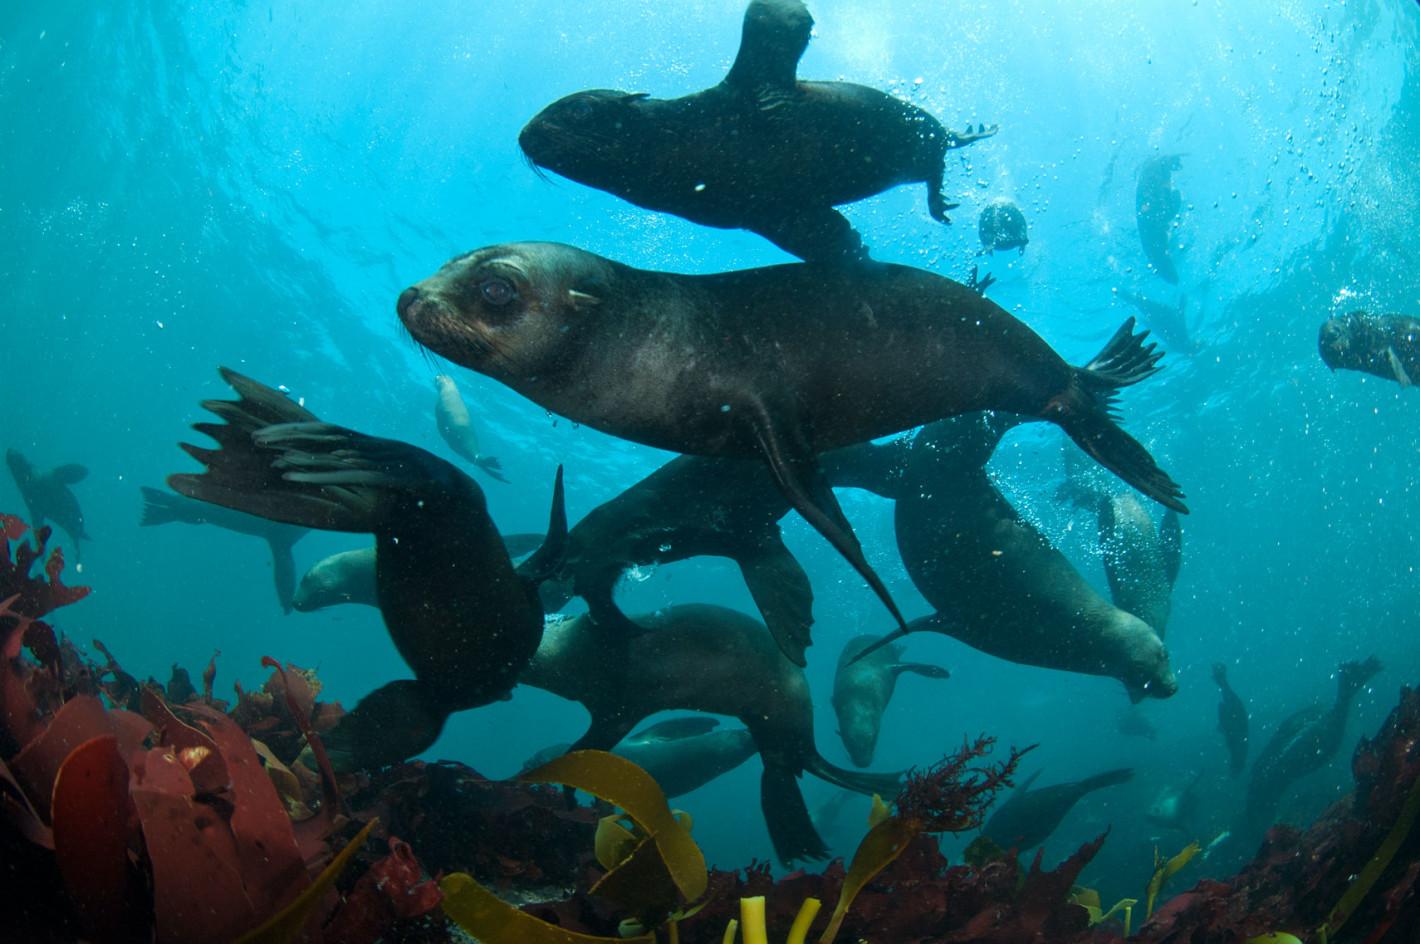 seals-swimming-ocena-cape-town-attraction